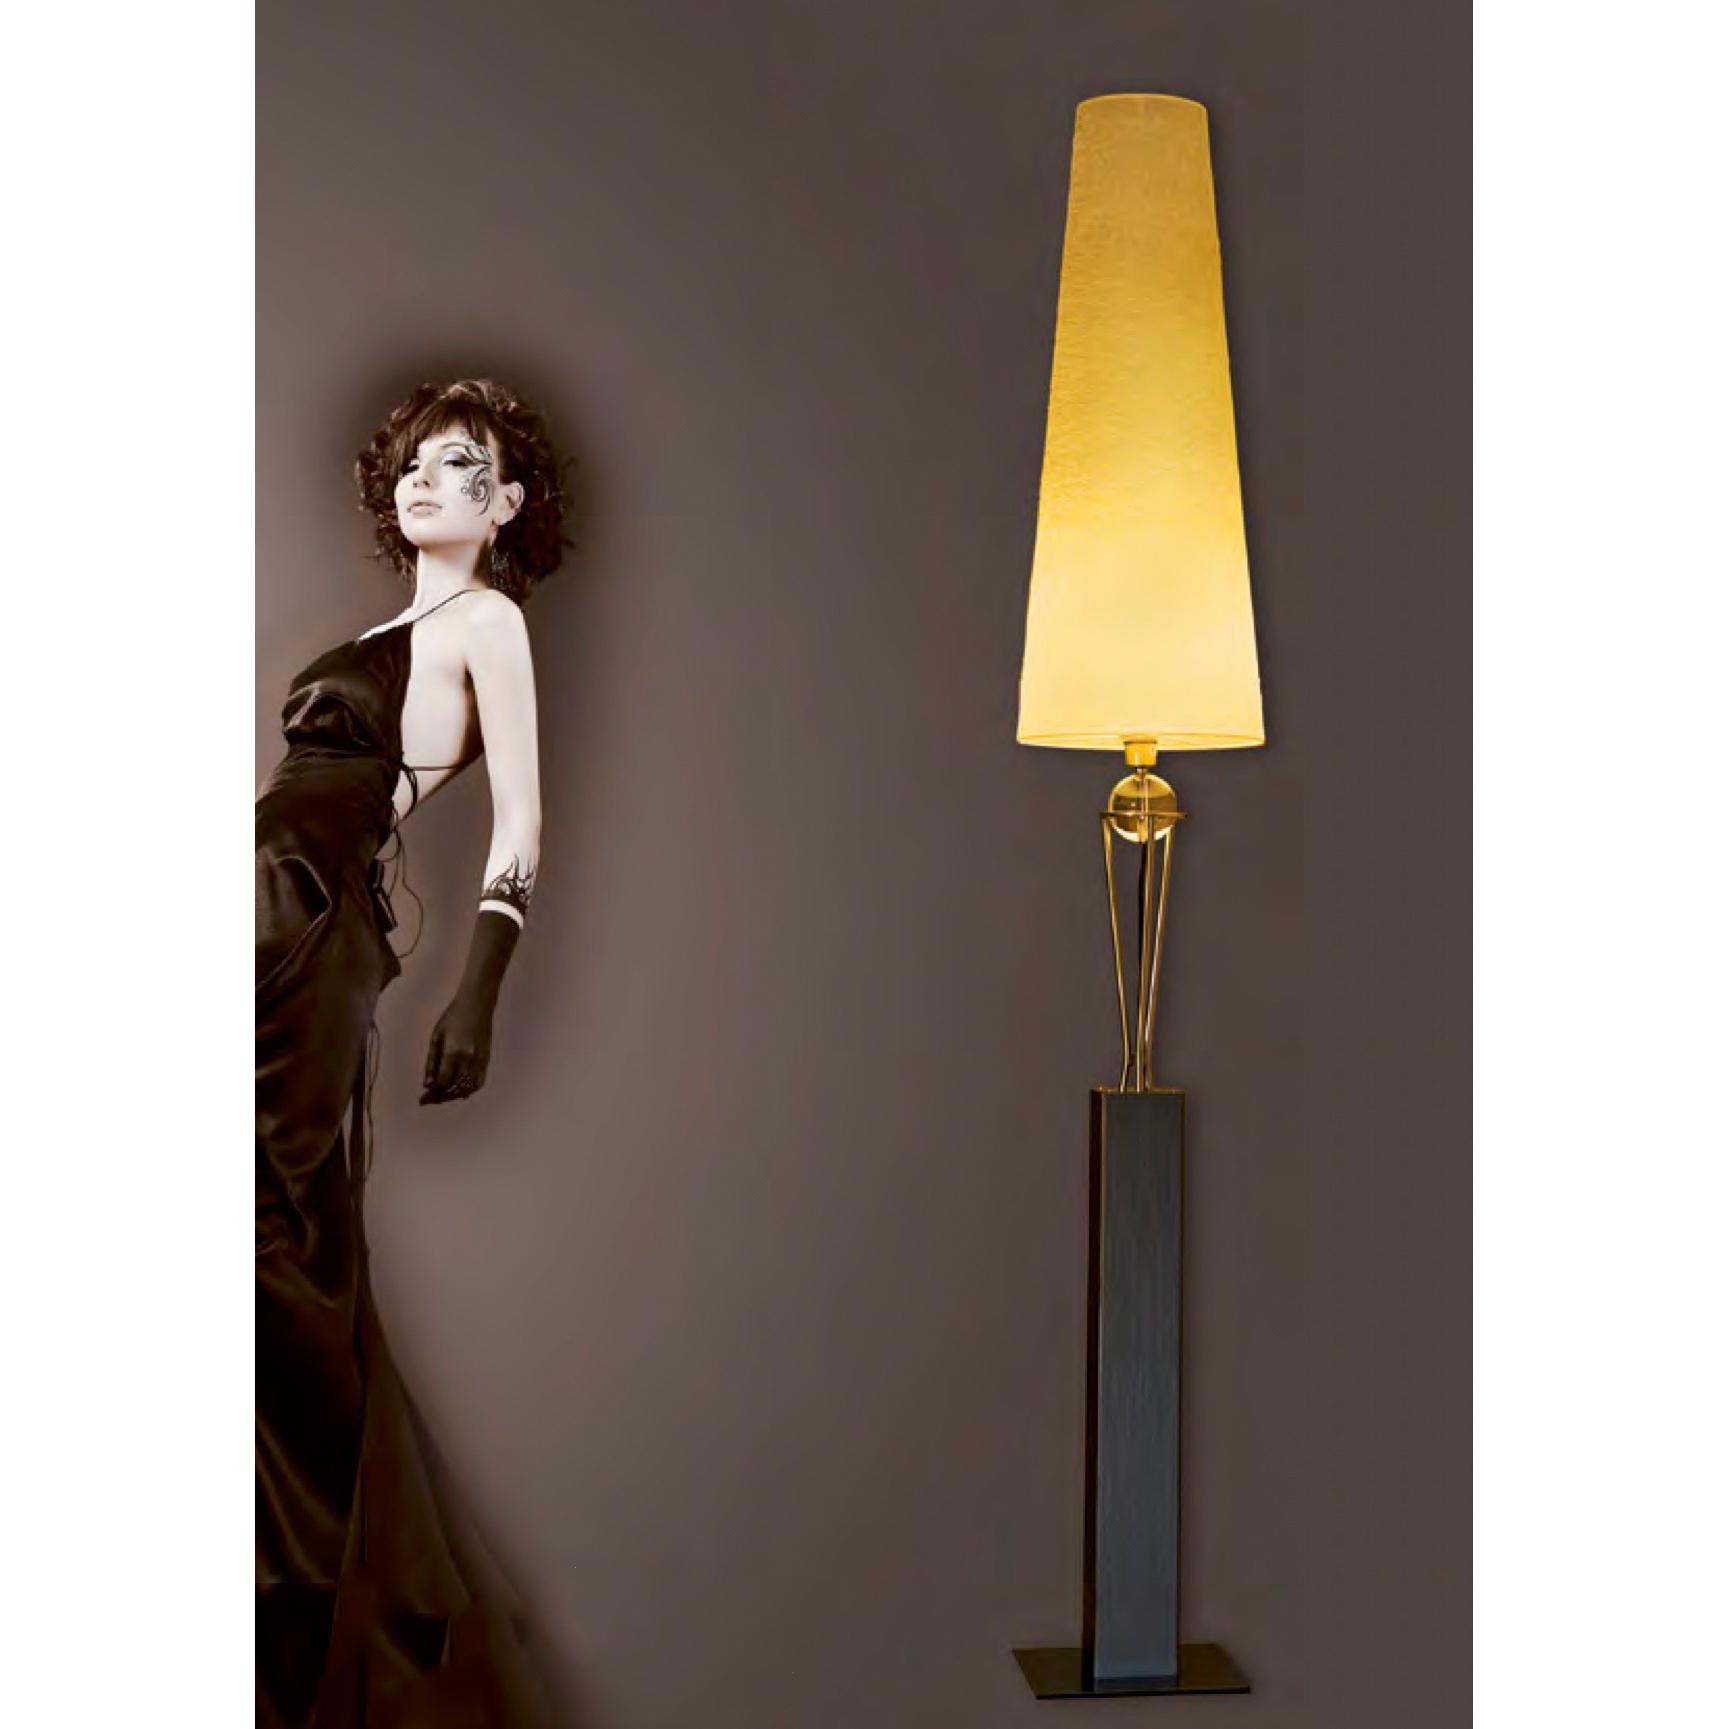 breda stehlampe mit glaskugel schirm konisch l ster laster. Black Bedroom Furniture Sets. Home Design Ideas